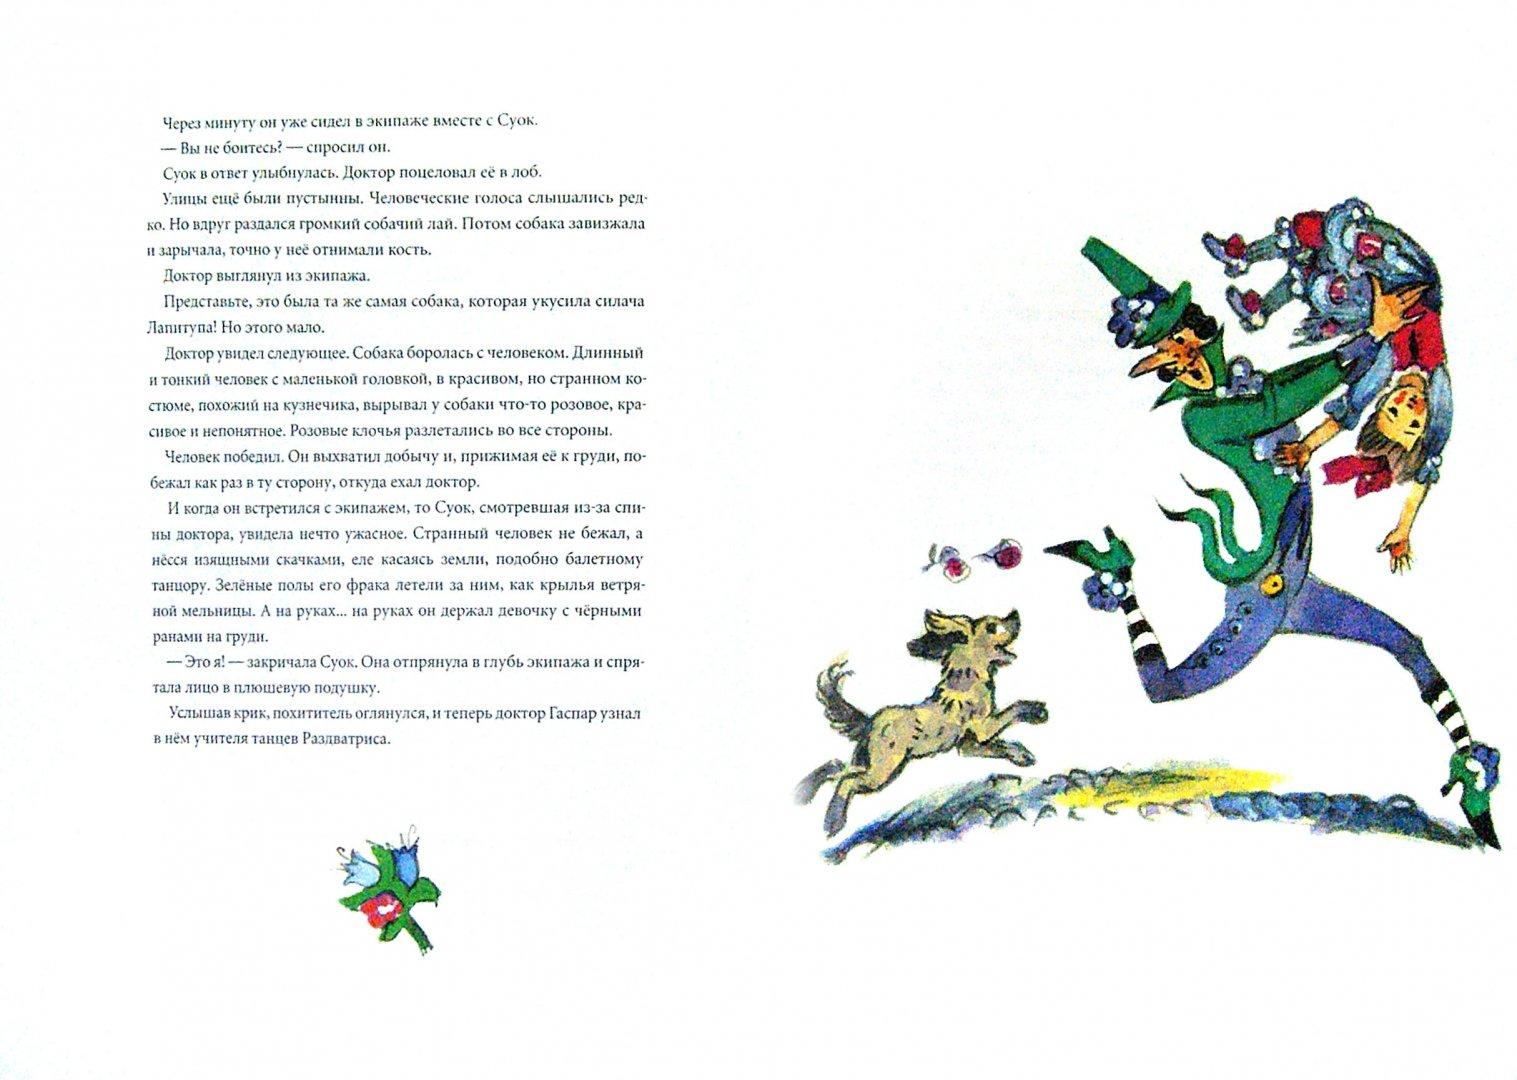 Иллюстрация 1 из 25 для Три Толстяка - Юрий Олеша | Лабиринт - книги. Источник: Лабиринт